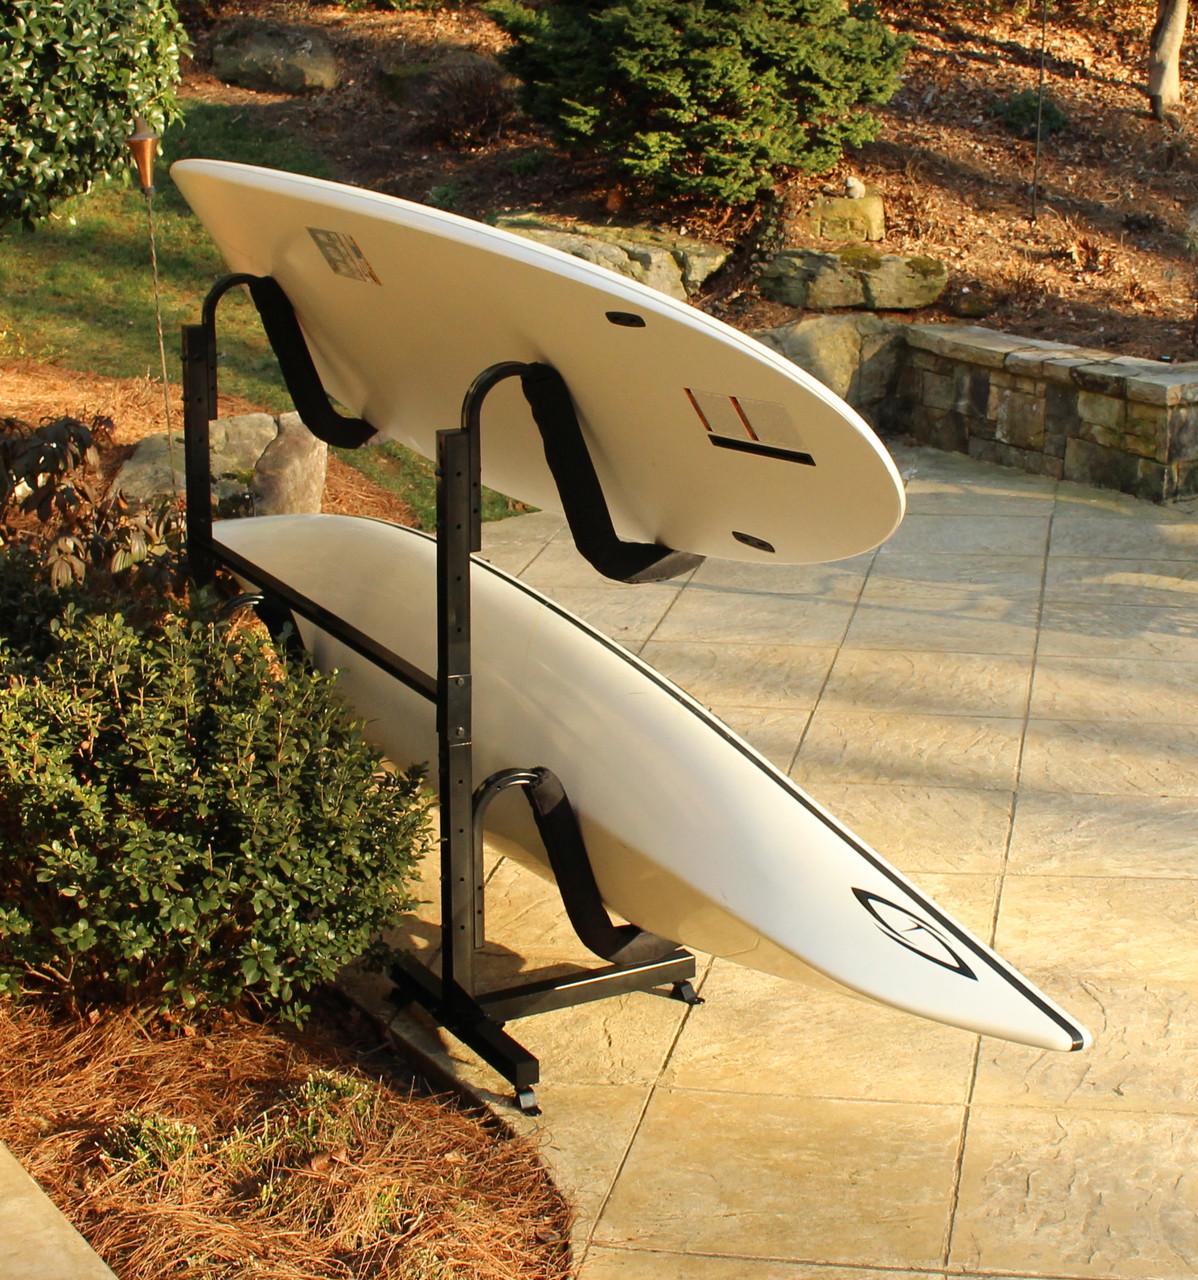 Heavy Duty Metal Kayak Freestanding Storage Rack Indoor